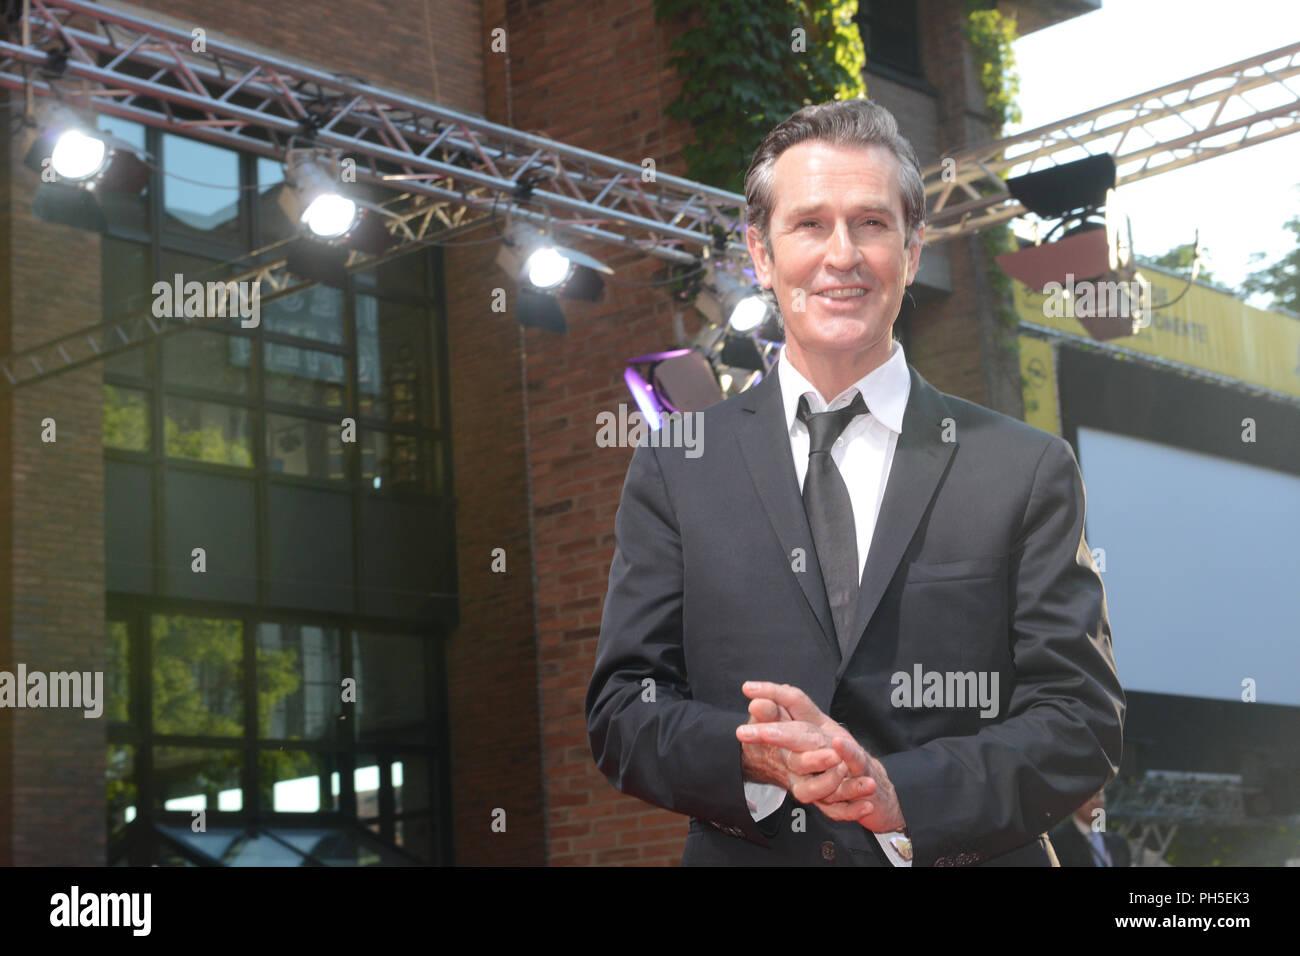 Schauspieler Rupert Everett kommt beim Filmfest München 2015 Stockbild